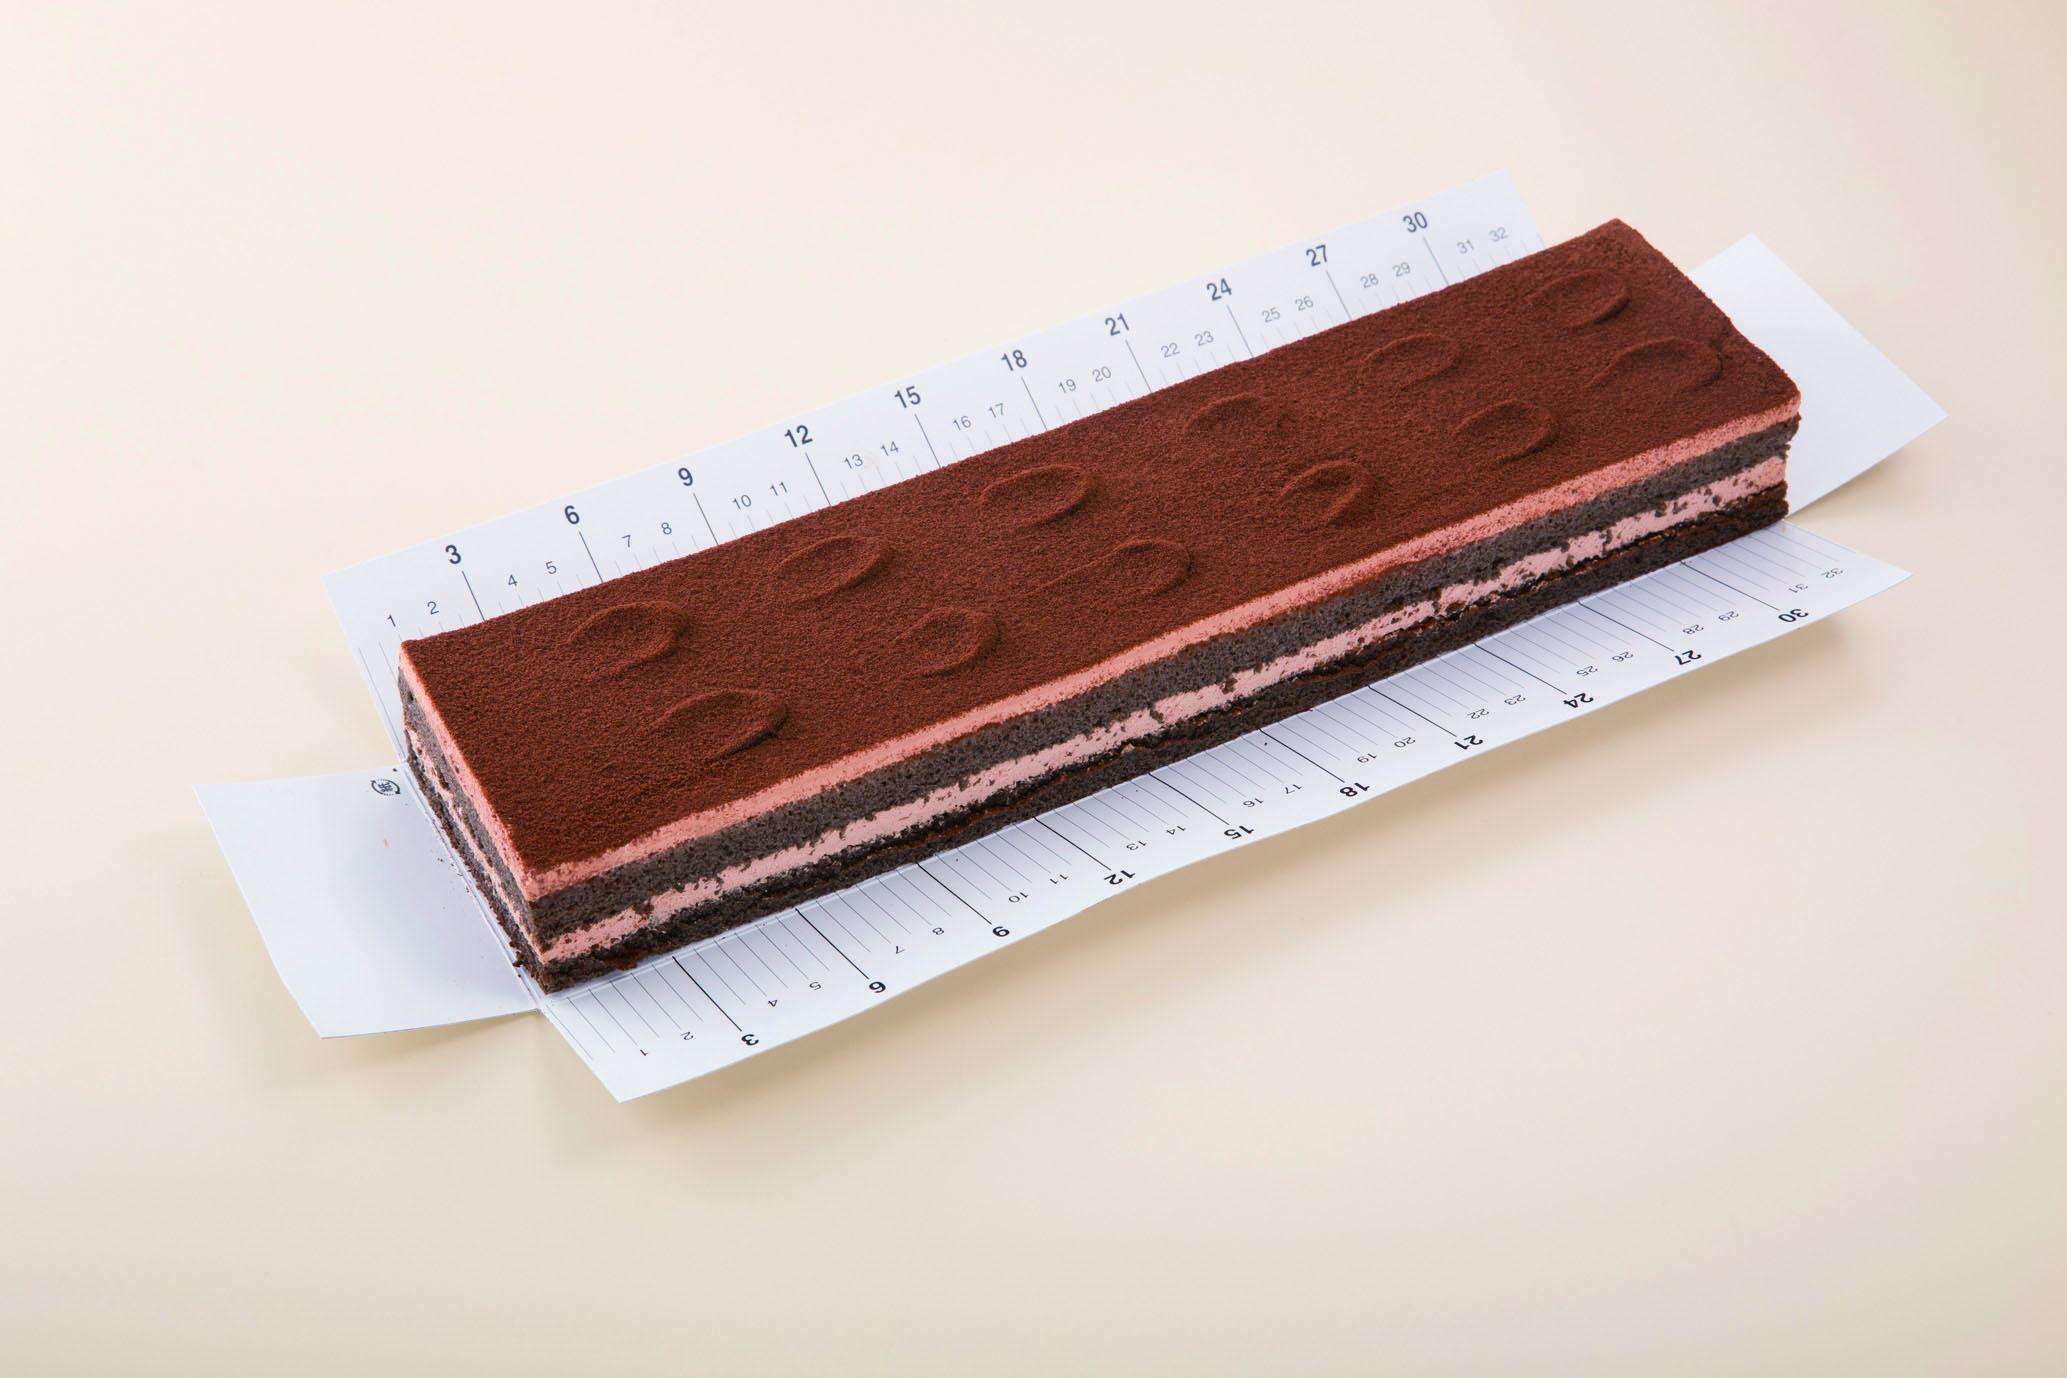 フリーカットケーキ         ショコラノワール